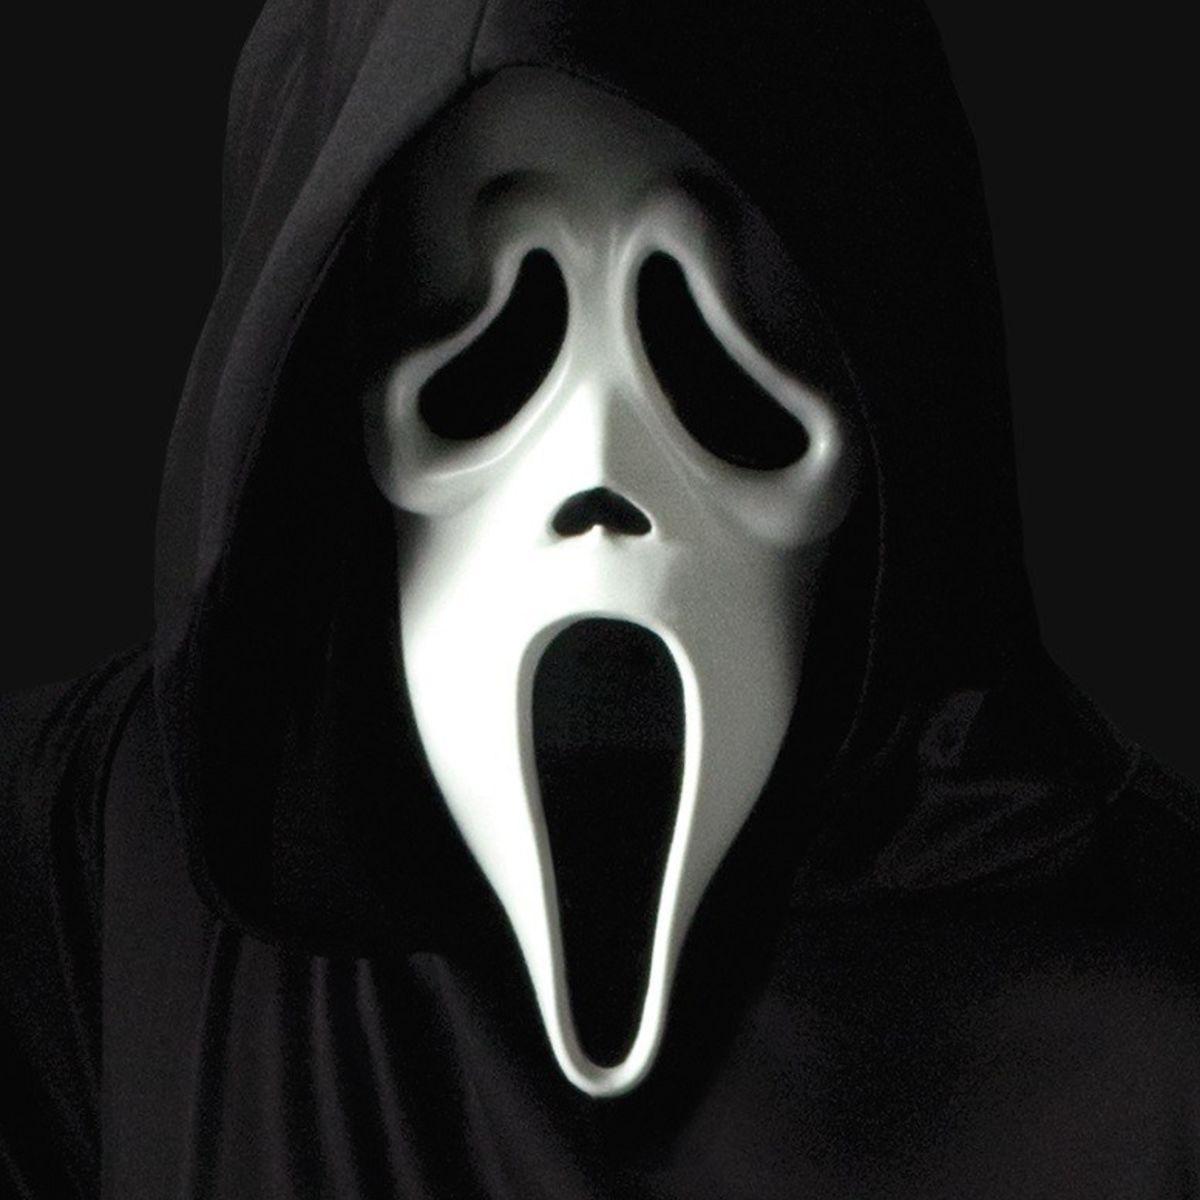 Ghostface-Scream_.jpg